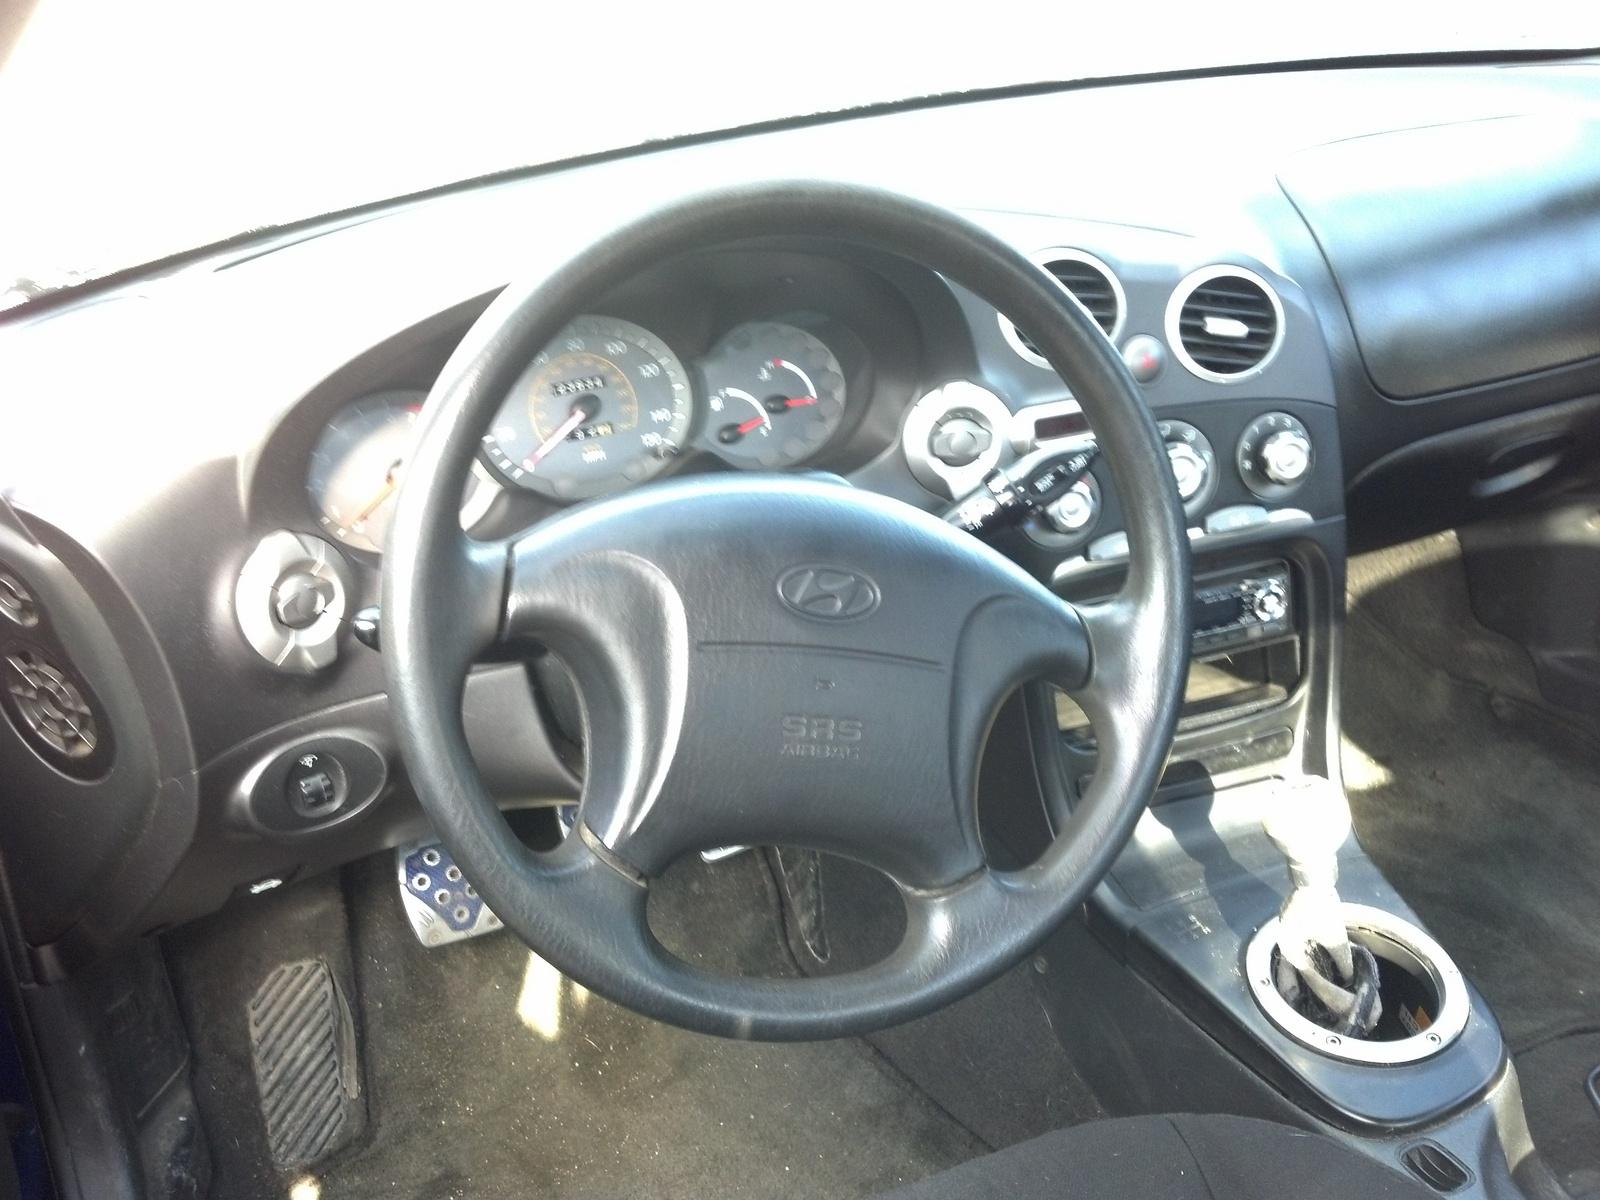 2001 Hyundai Tiburon Interior Pictures Cargurus